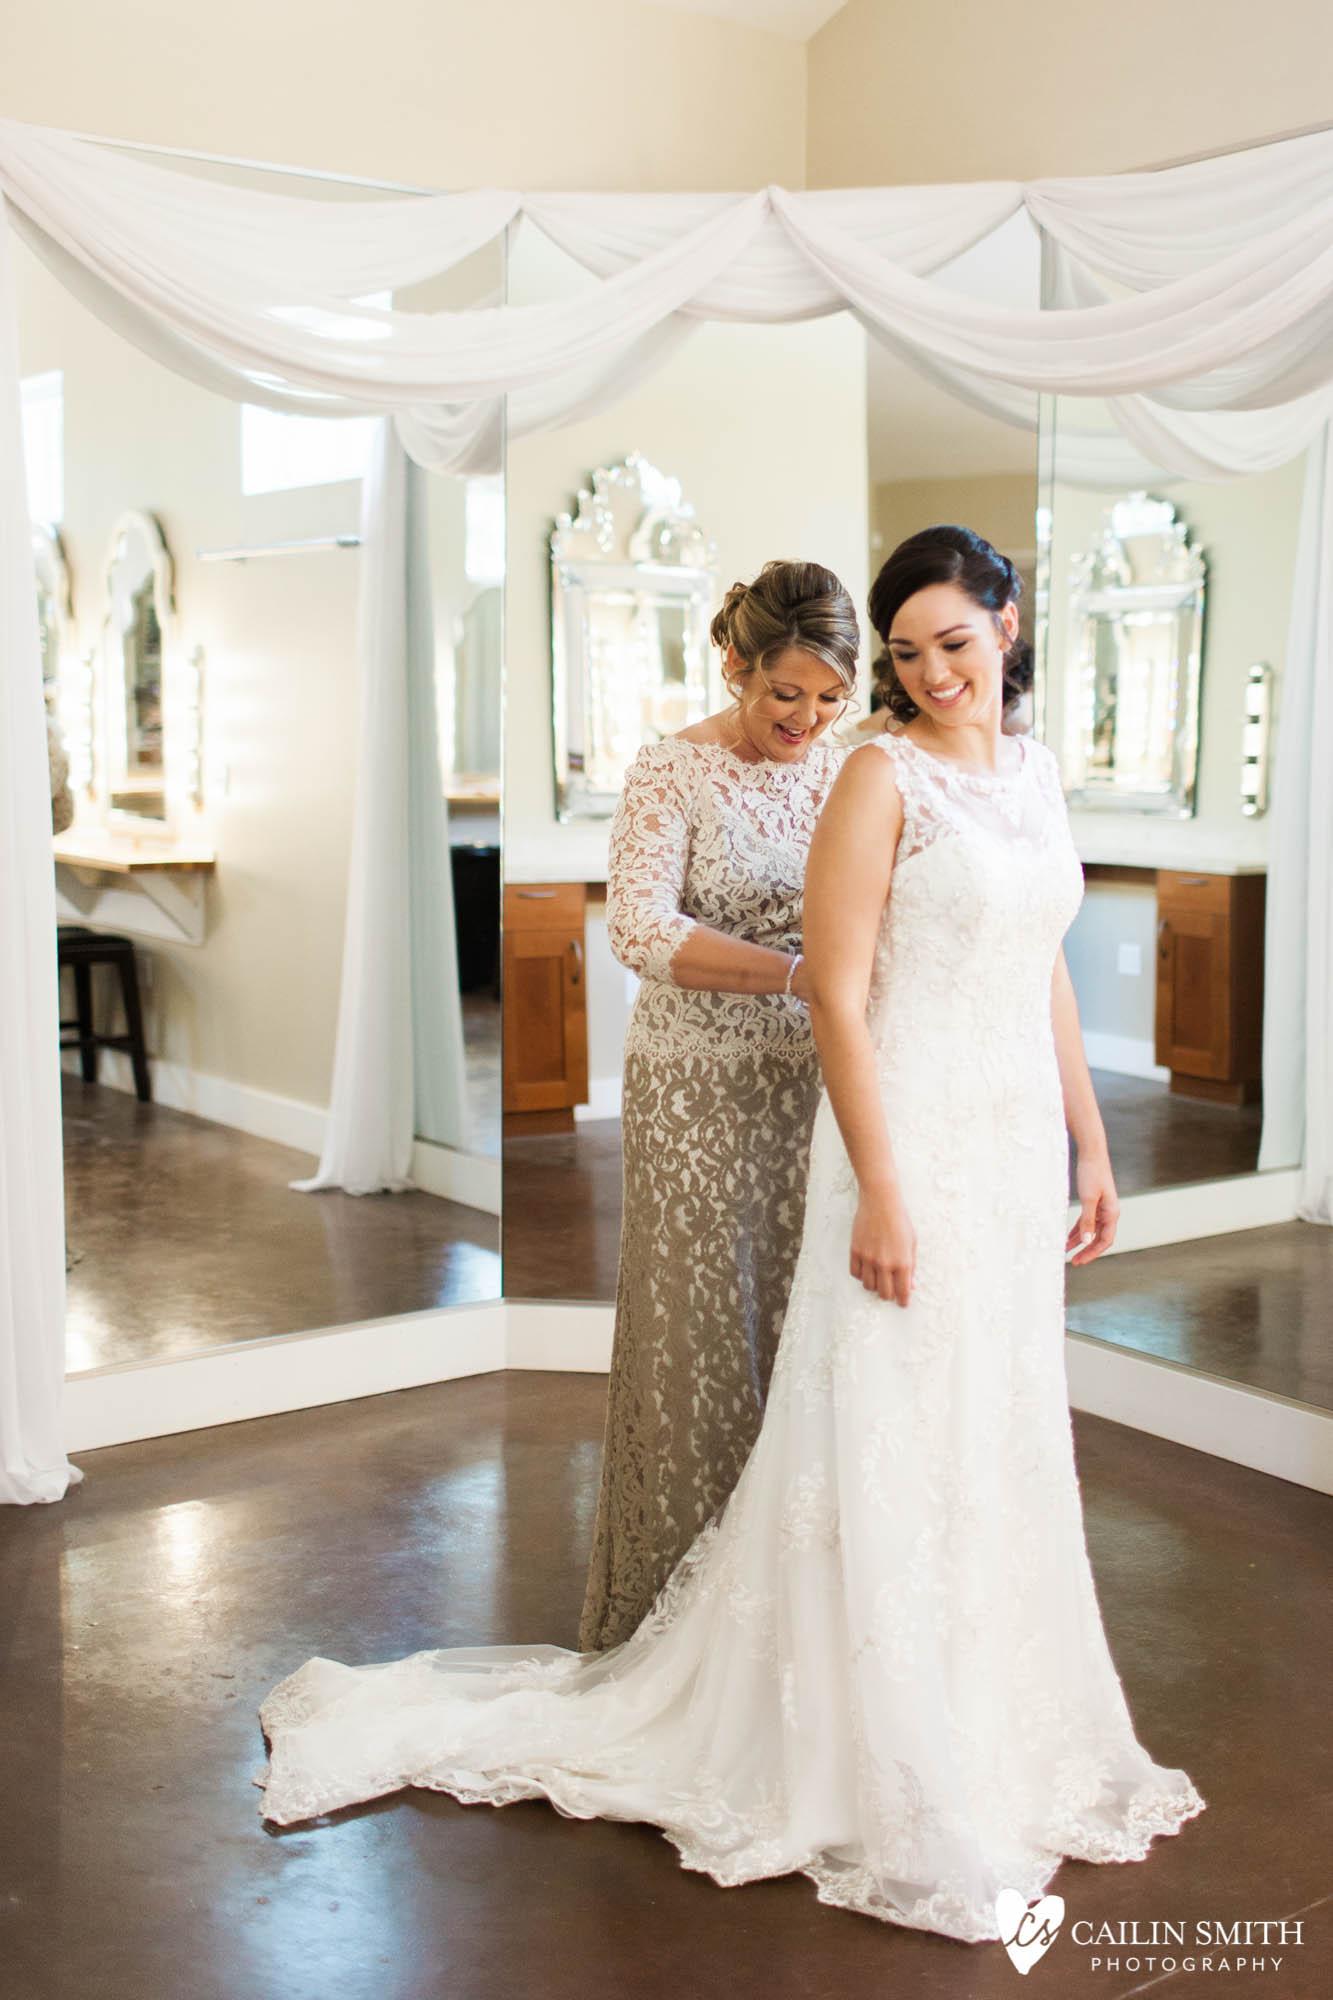 Bethany_Kyle_Bowing_Oaks_Plantation_Wedding_Photography_0012.jpg